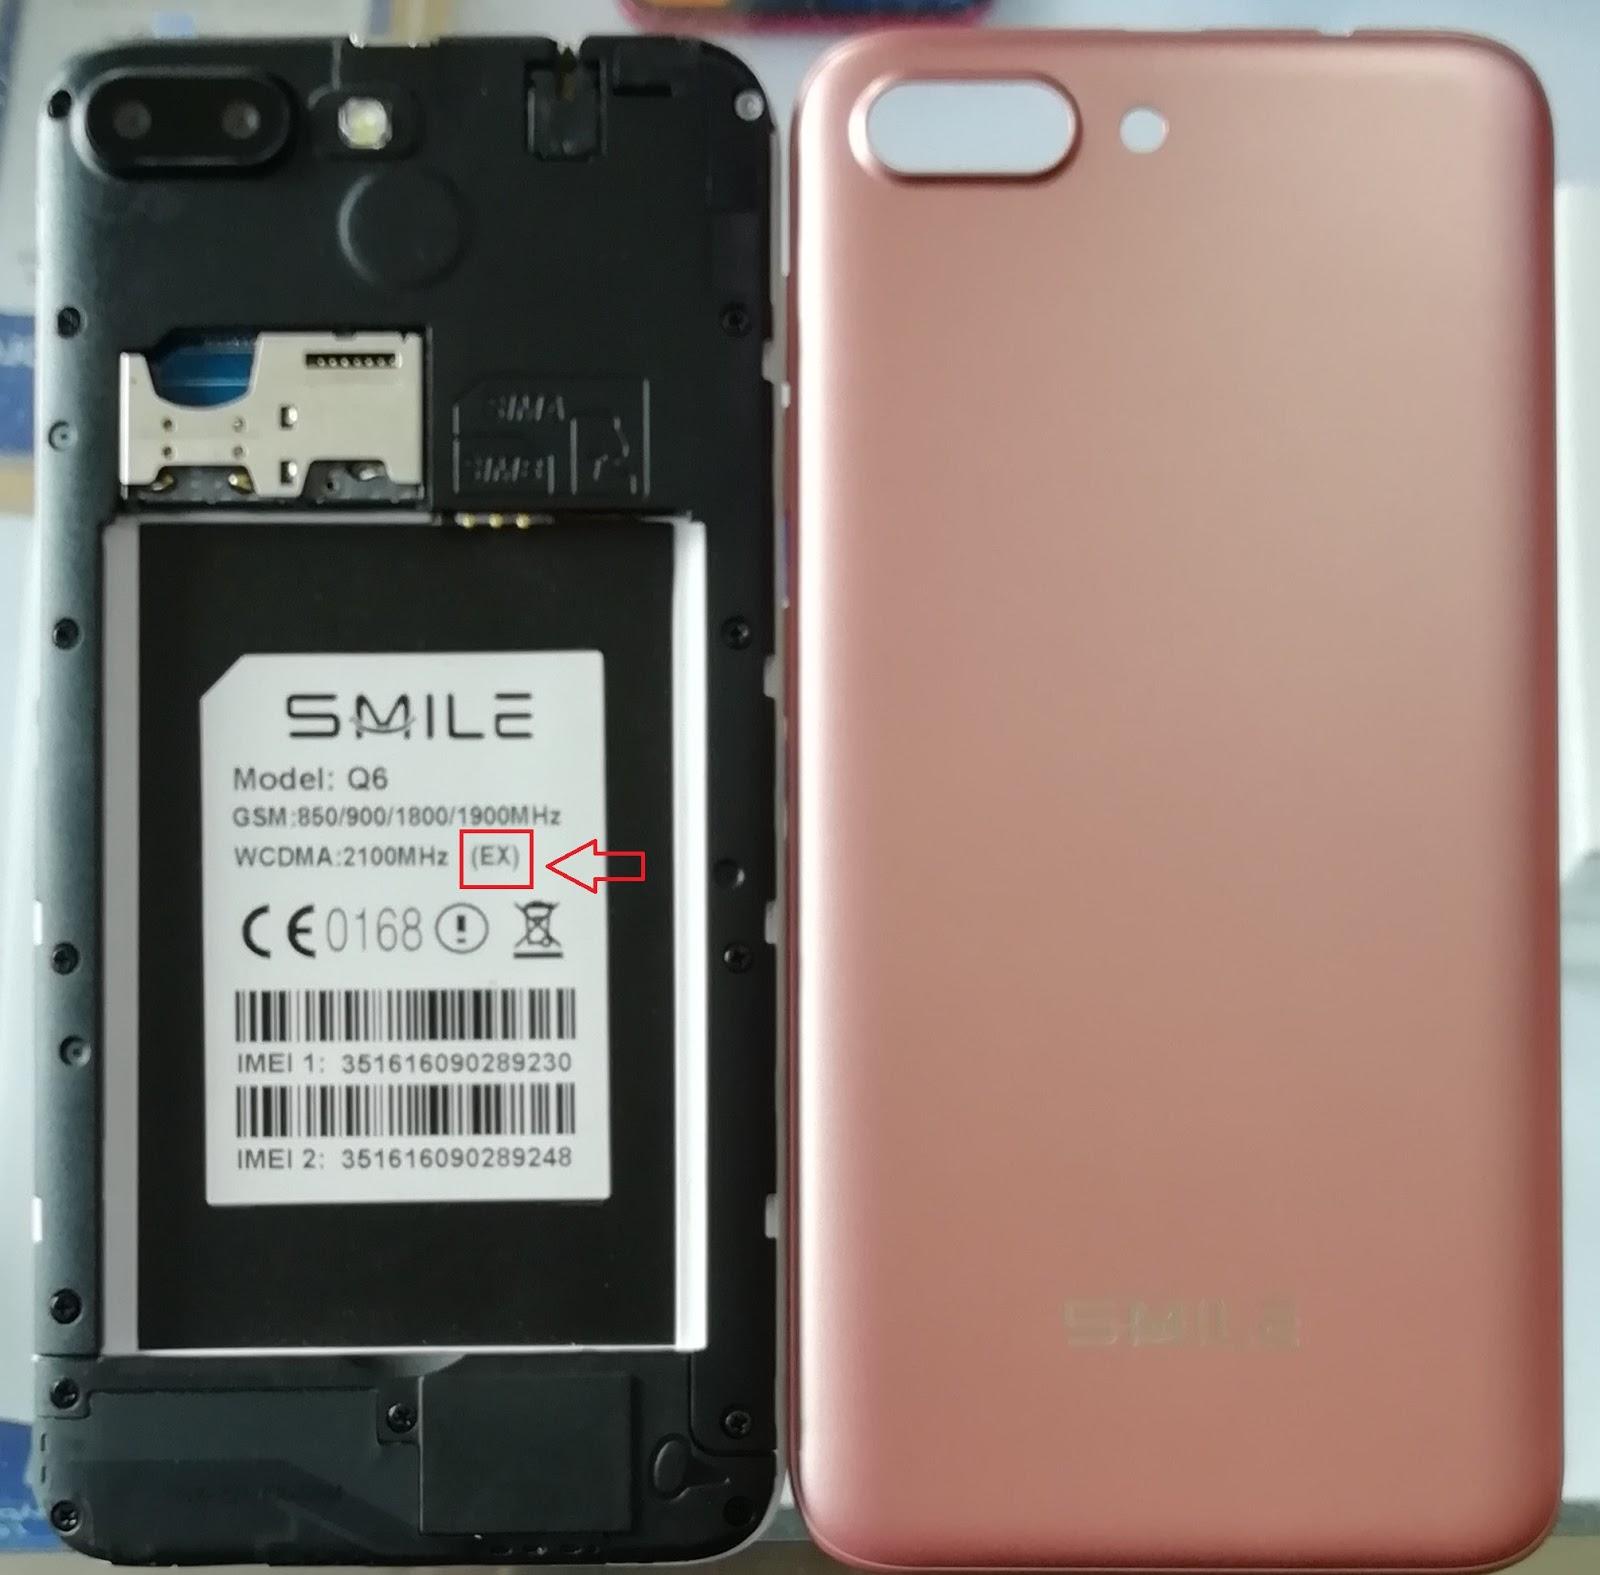 FAISAL GSM: Smile Q6 Flash File Firmware EX MT6572 6 0